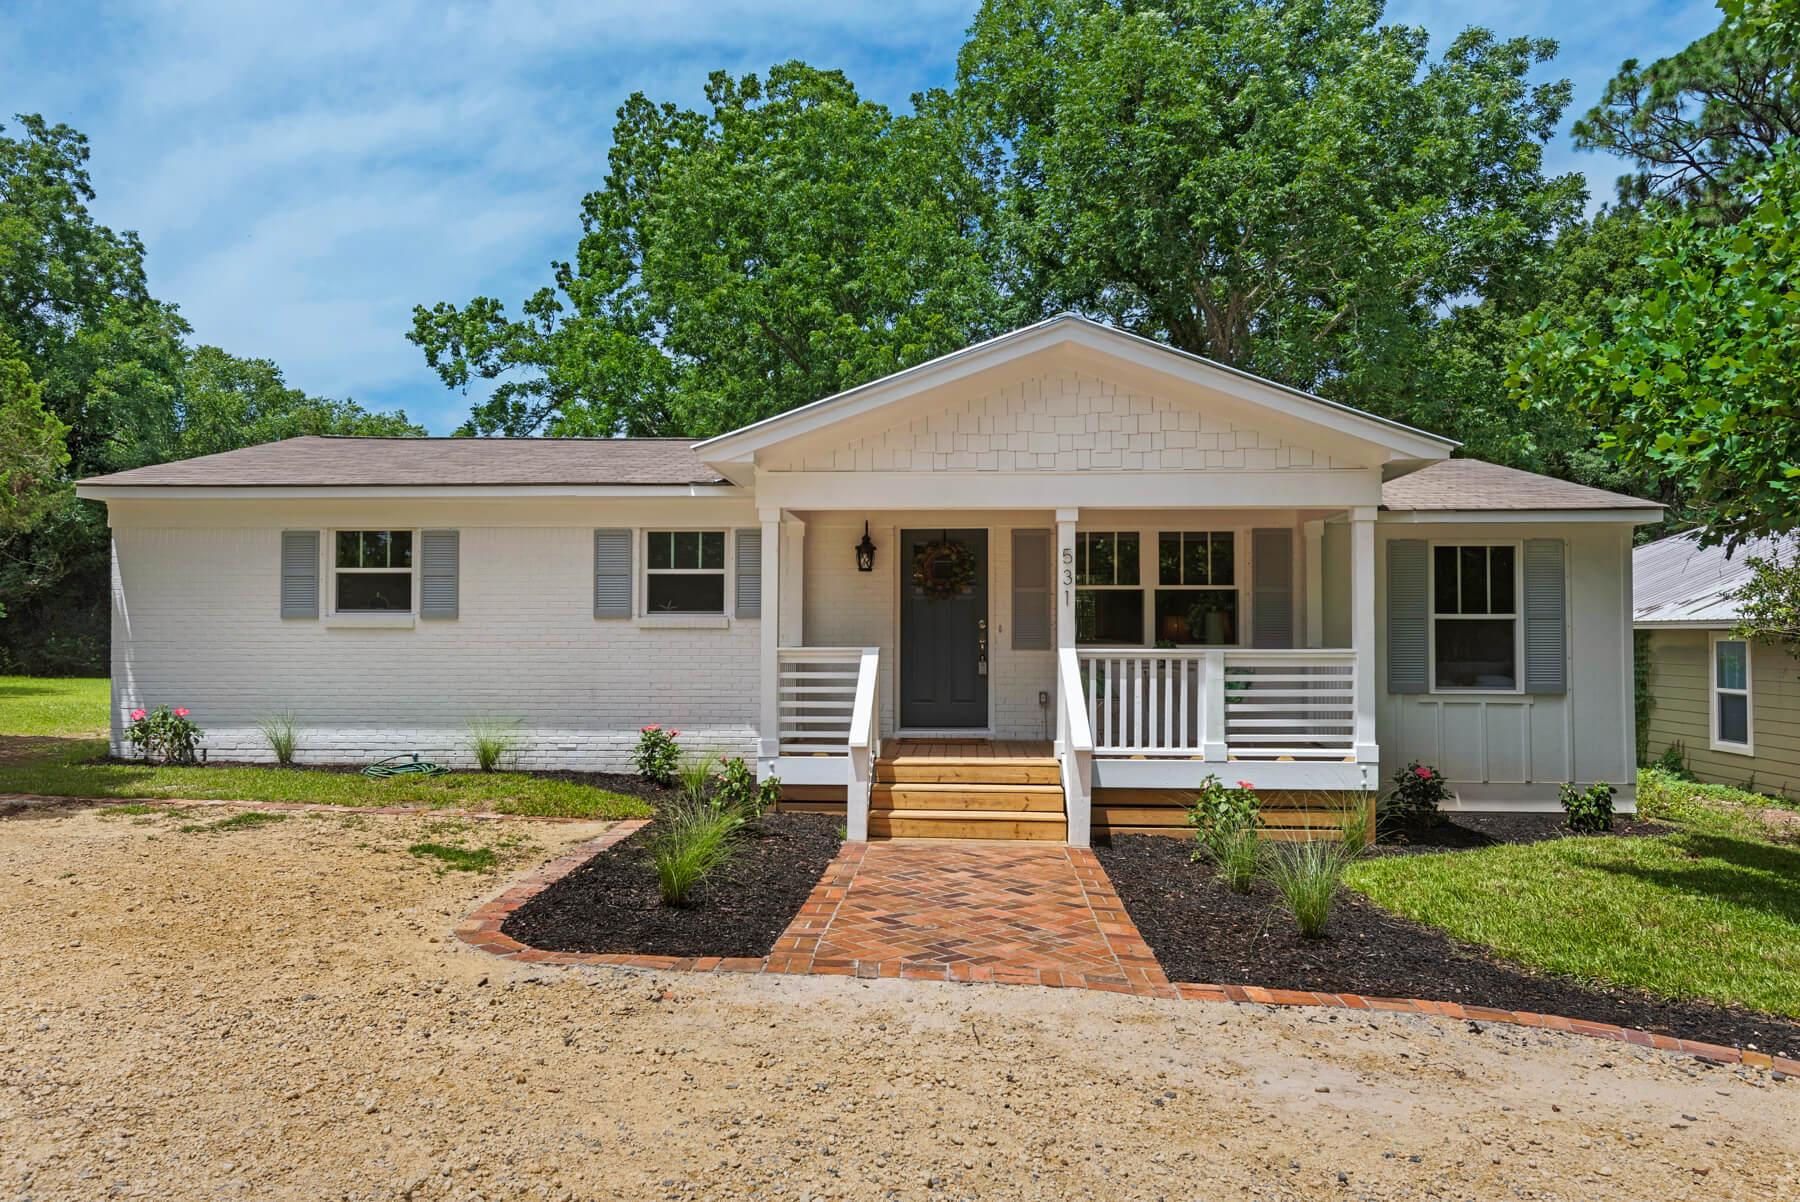 531gayfer.com movetobaldwincounty.com Urban Property 323